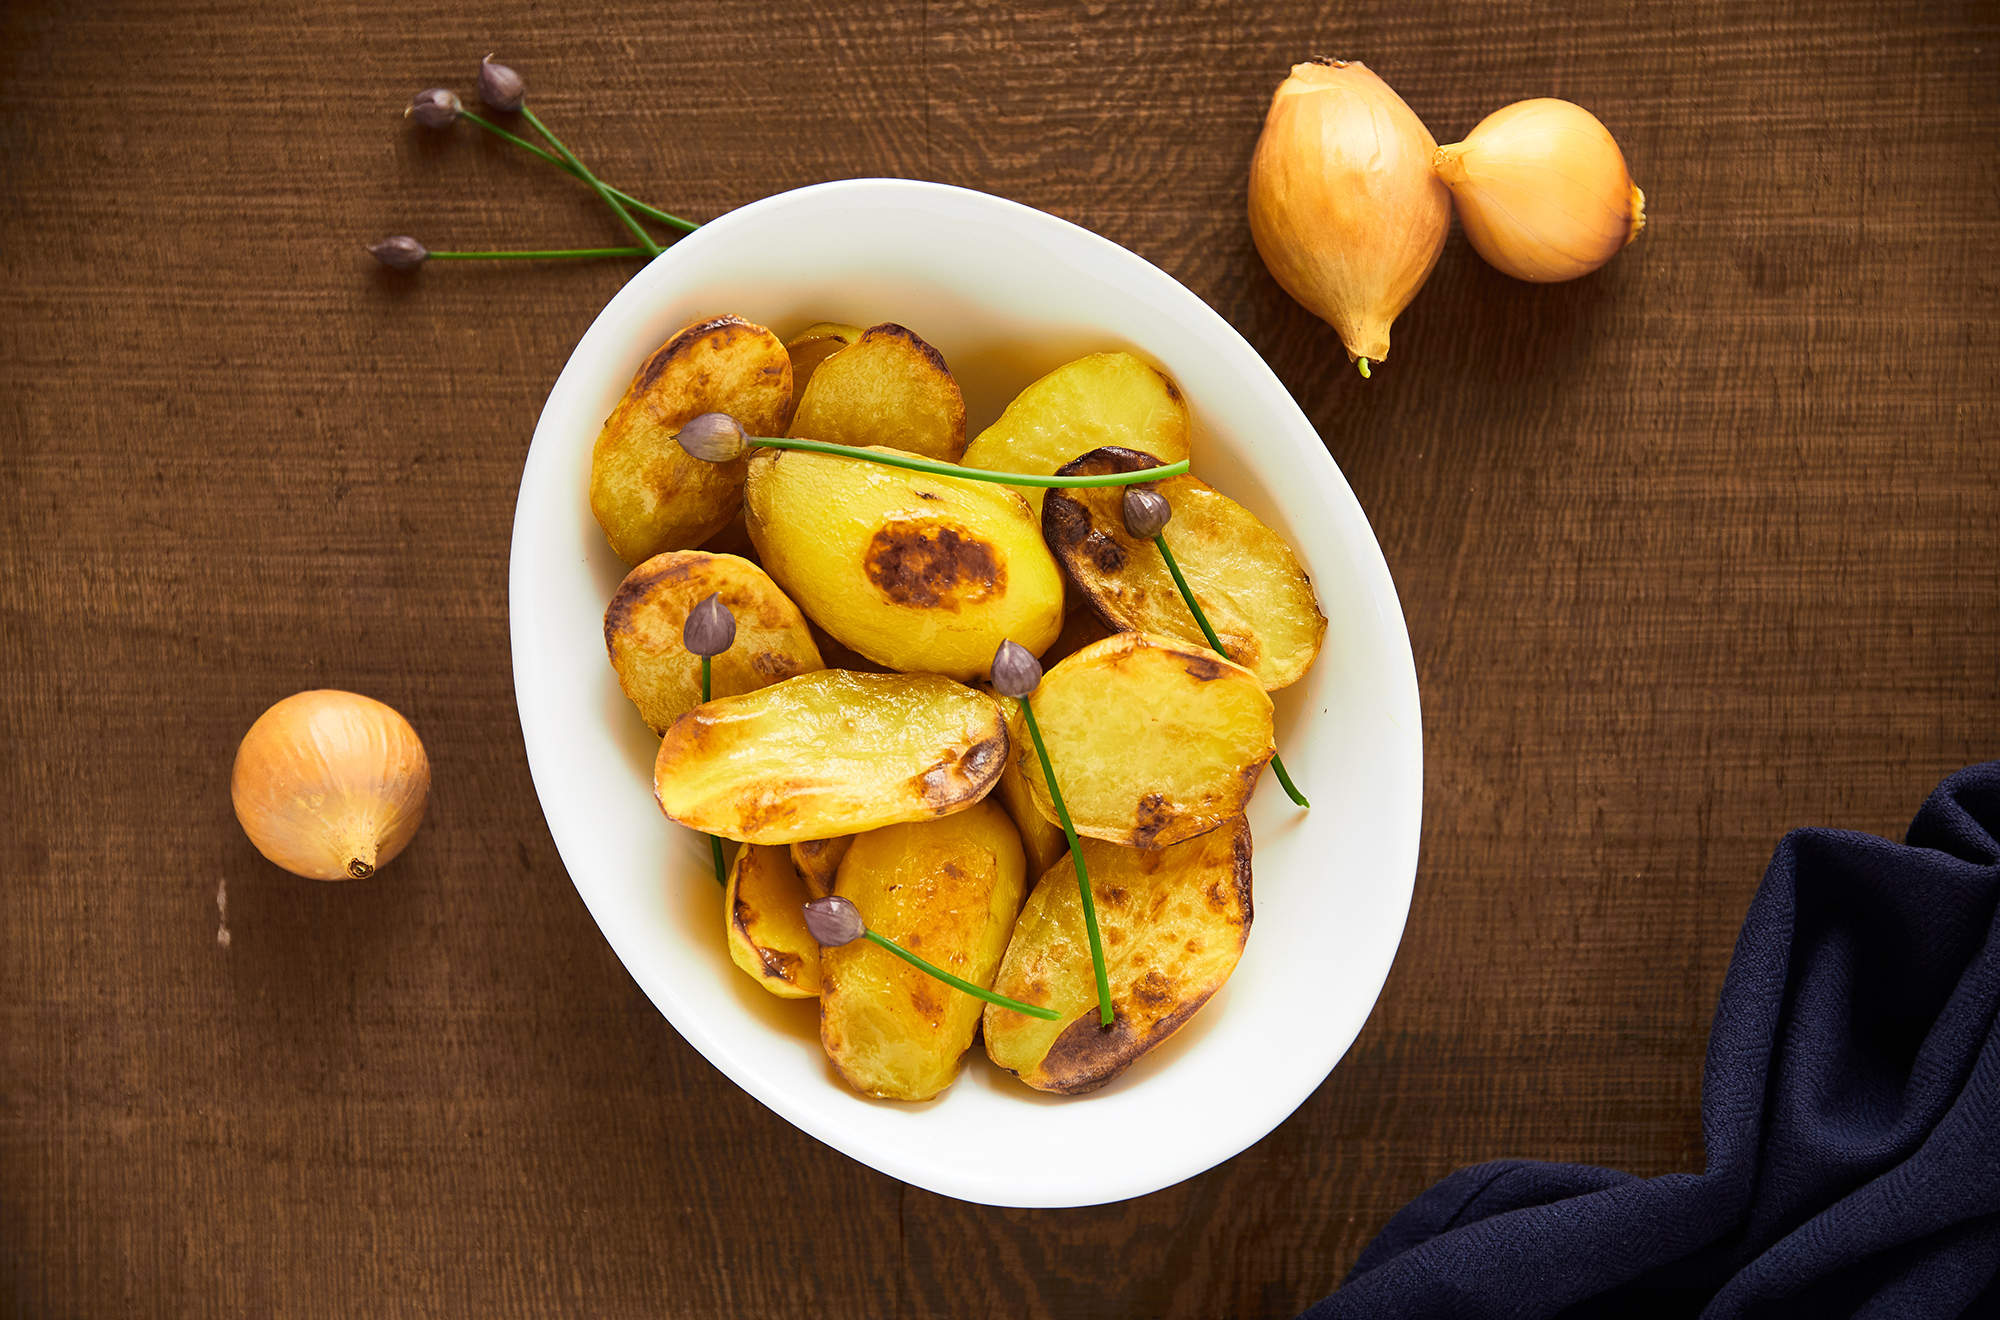 ovnbagte-kartofler